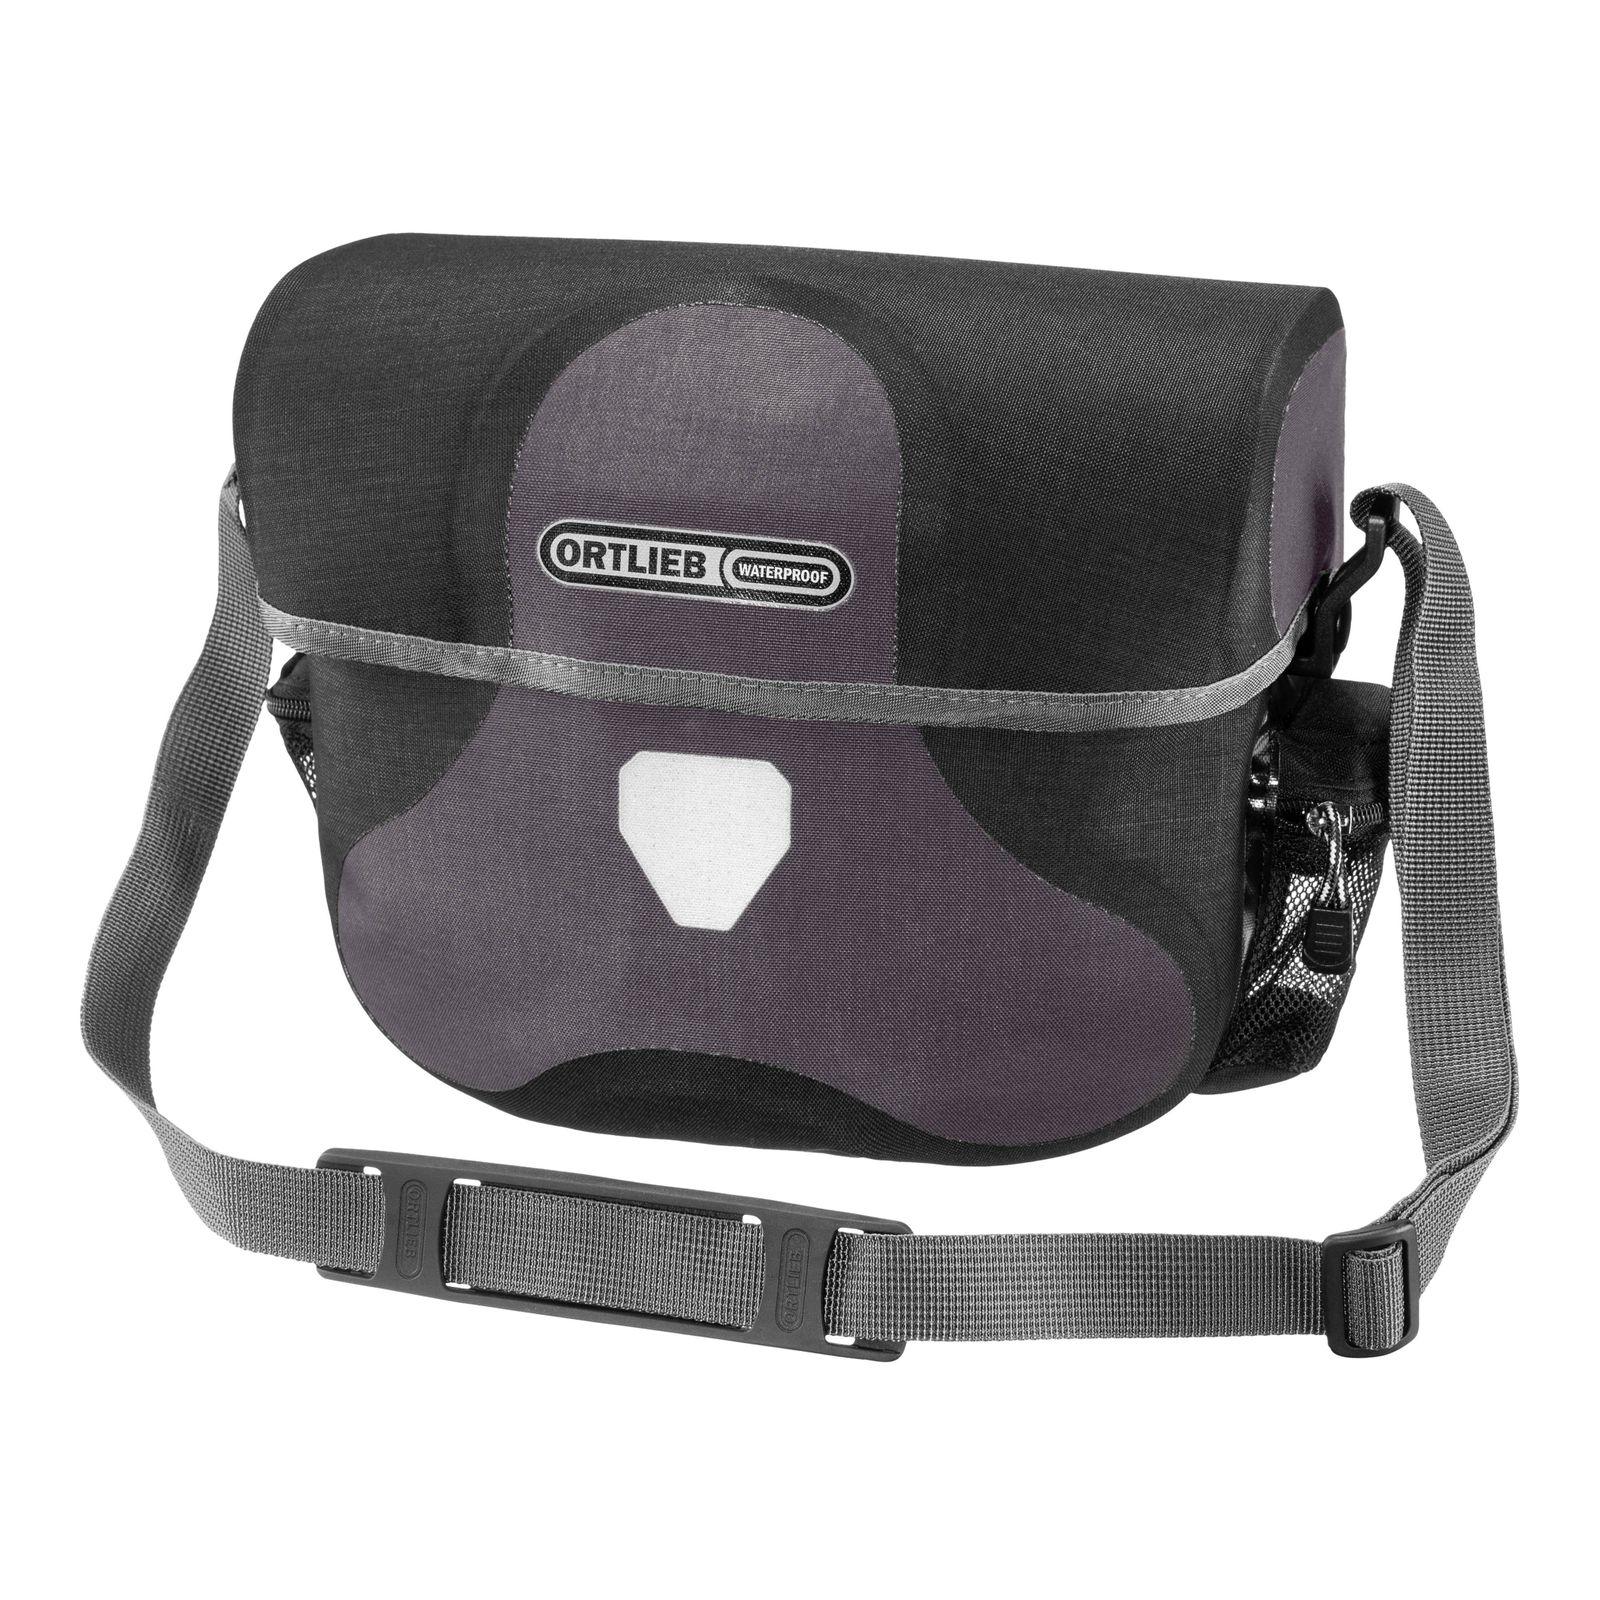 ORTLIEB Plus Ultimate Six Bike Handlebar Bag 7L Granite-Black